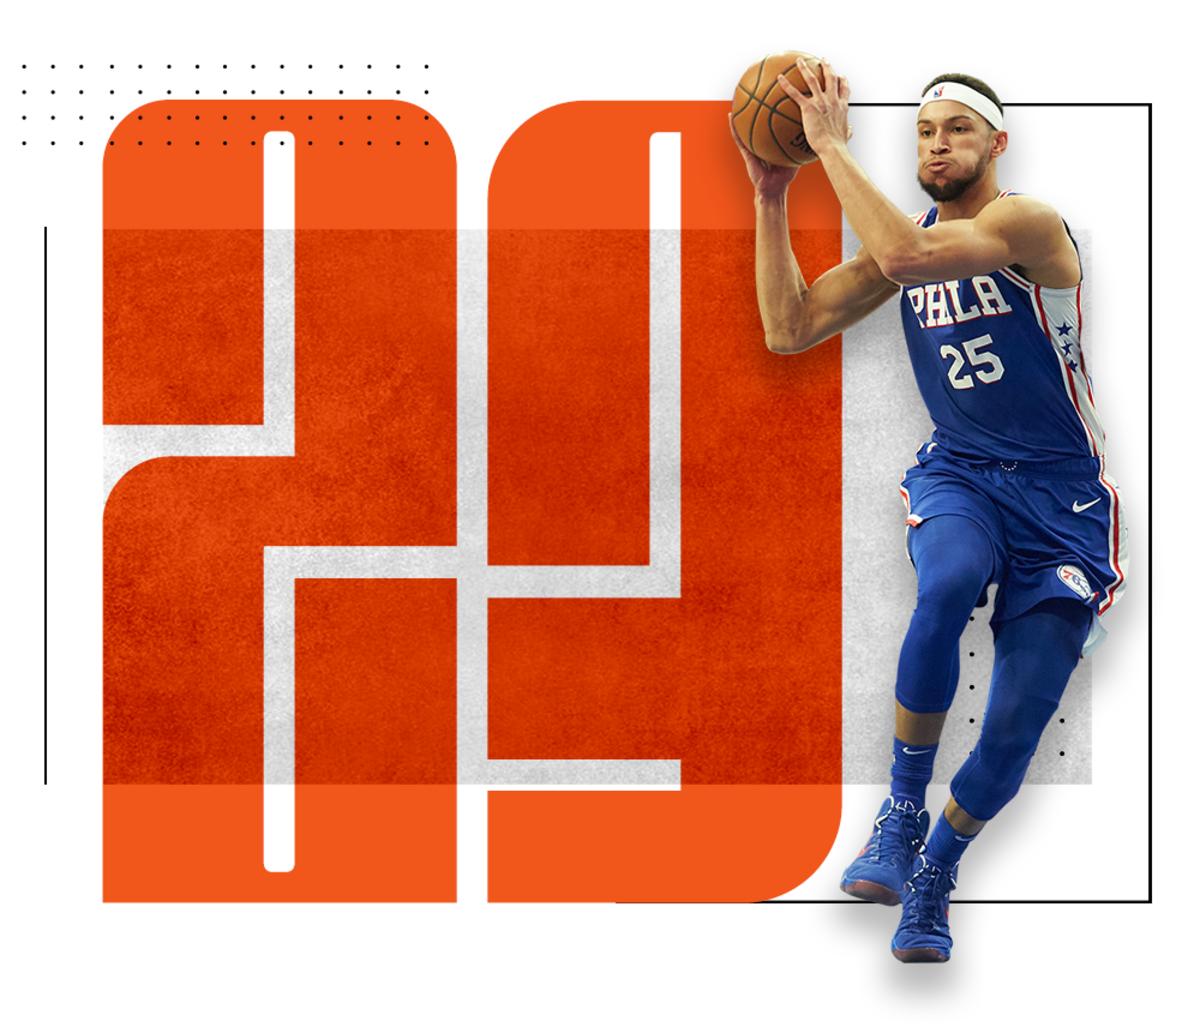 top-100-nba-players-2020-Ben-Simmons.png